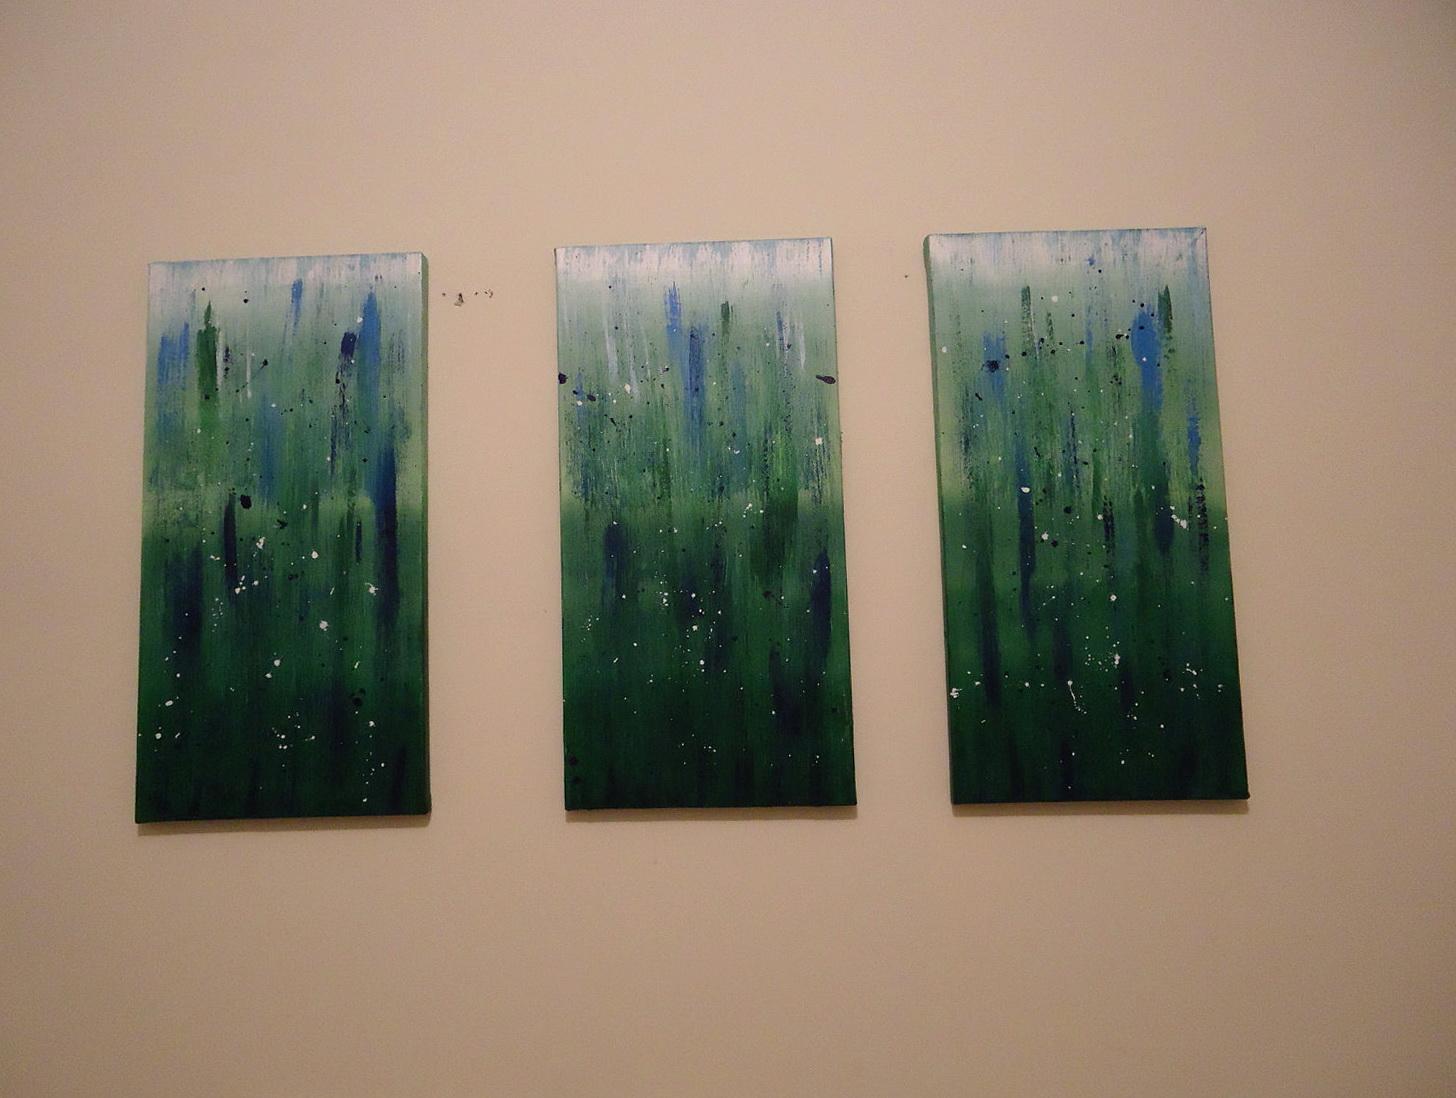 3 Piece Canvas Wall Art Target